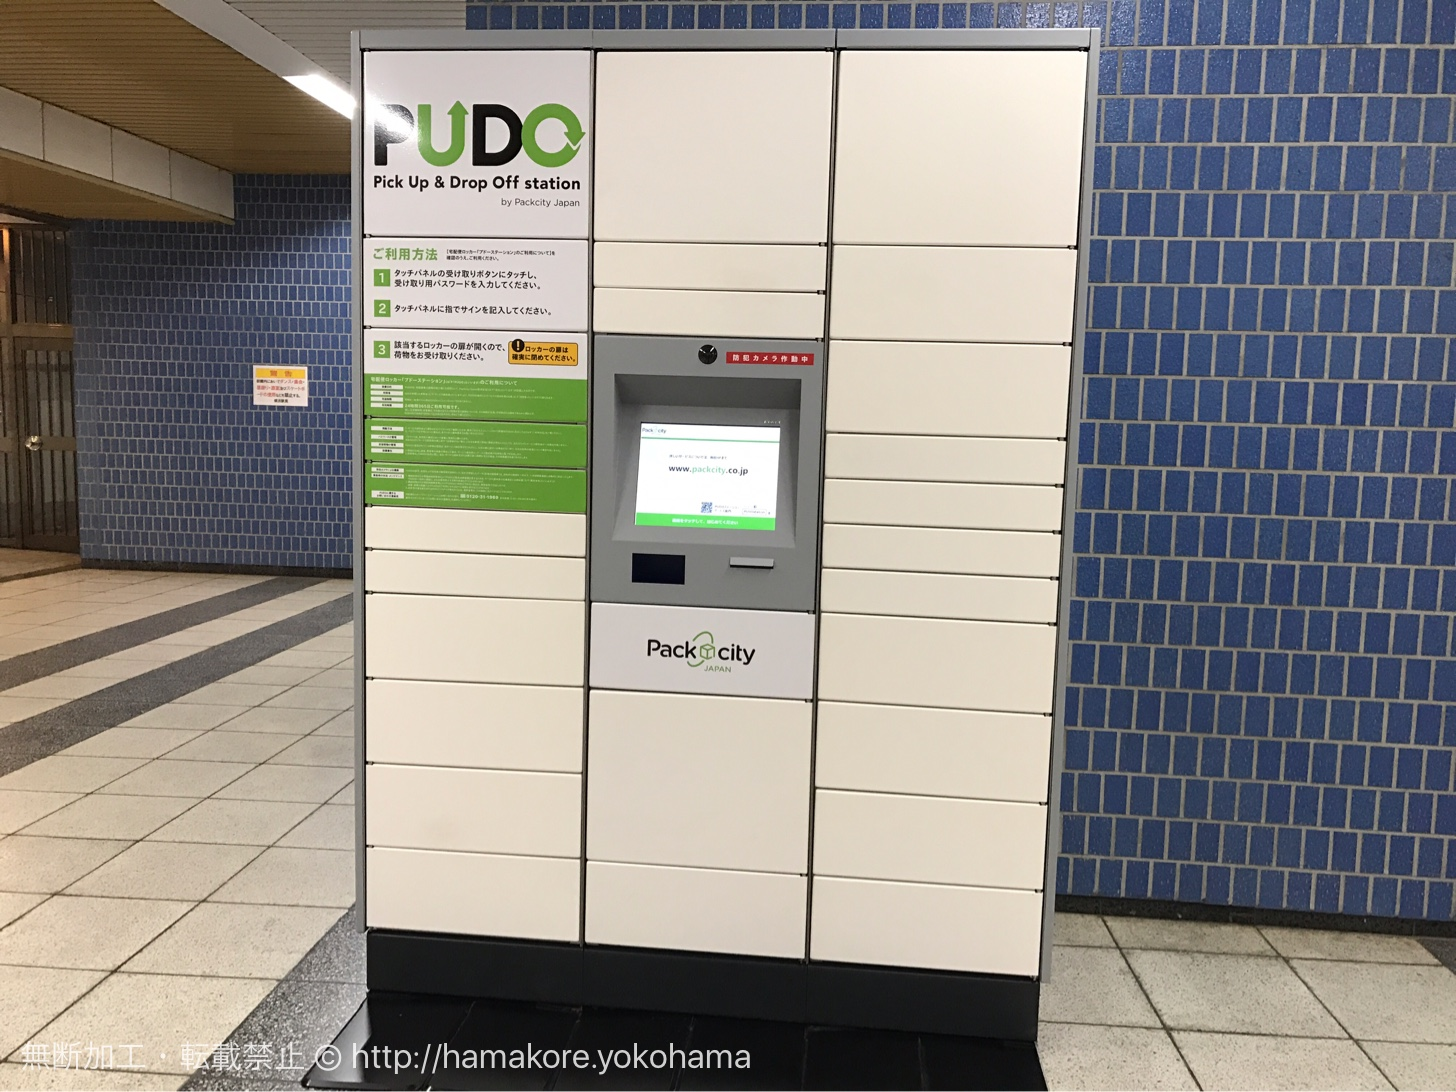 横浜駅 市営地下鉄の宅配ロッカー「PUDO」の場所は?1番近い出口は市営地下鉄9番